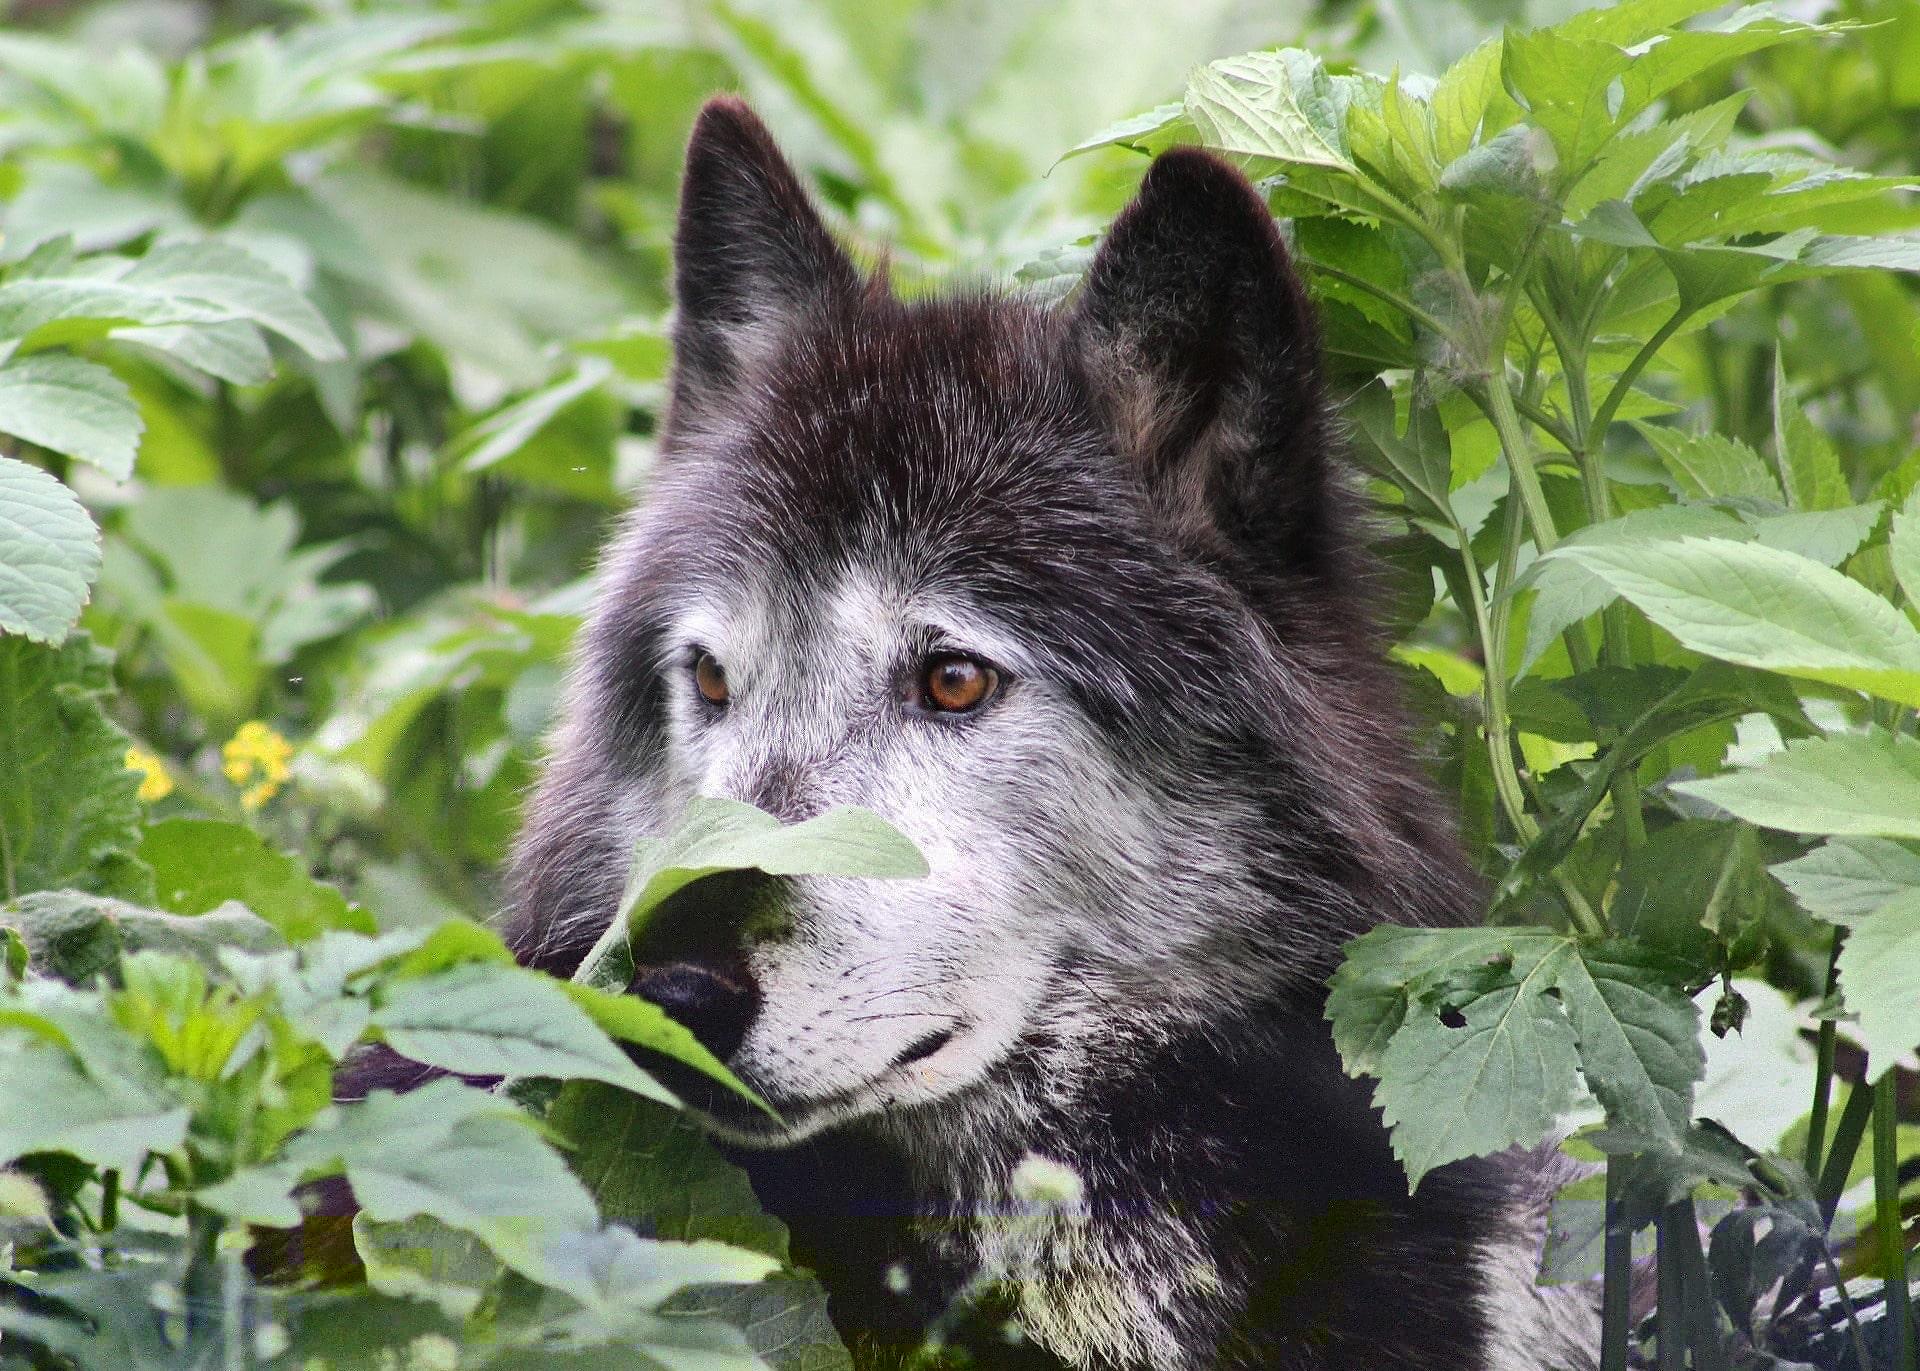 Antiguos mexicanos crearon una raza de perros lobo 13